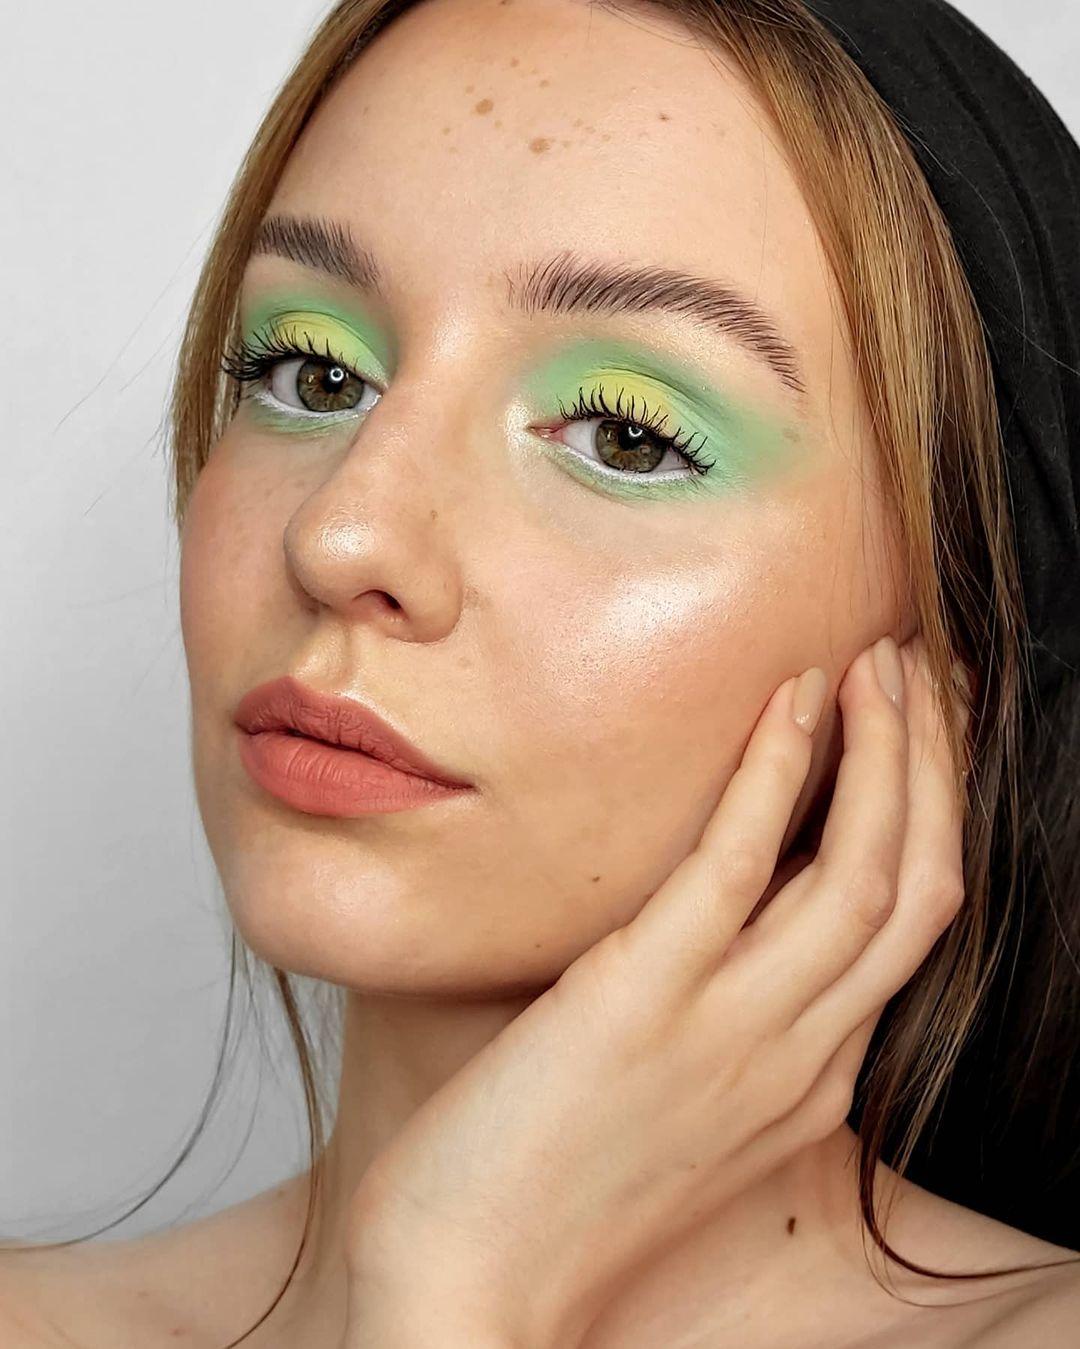 Garota usando maquiagem com diferentes tons de verde. Na foto, só dá para ver seu rosto e sua mão, apoiada no rosto. Ela está com a cabeça levemente voltada para o lado, expressão facial séria e olhando para o lado.